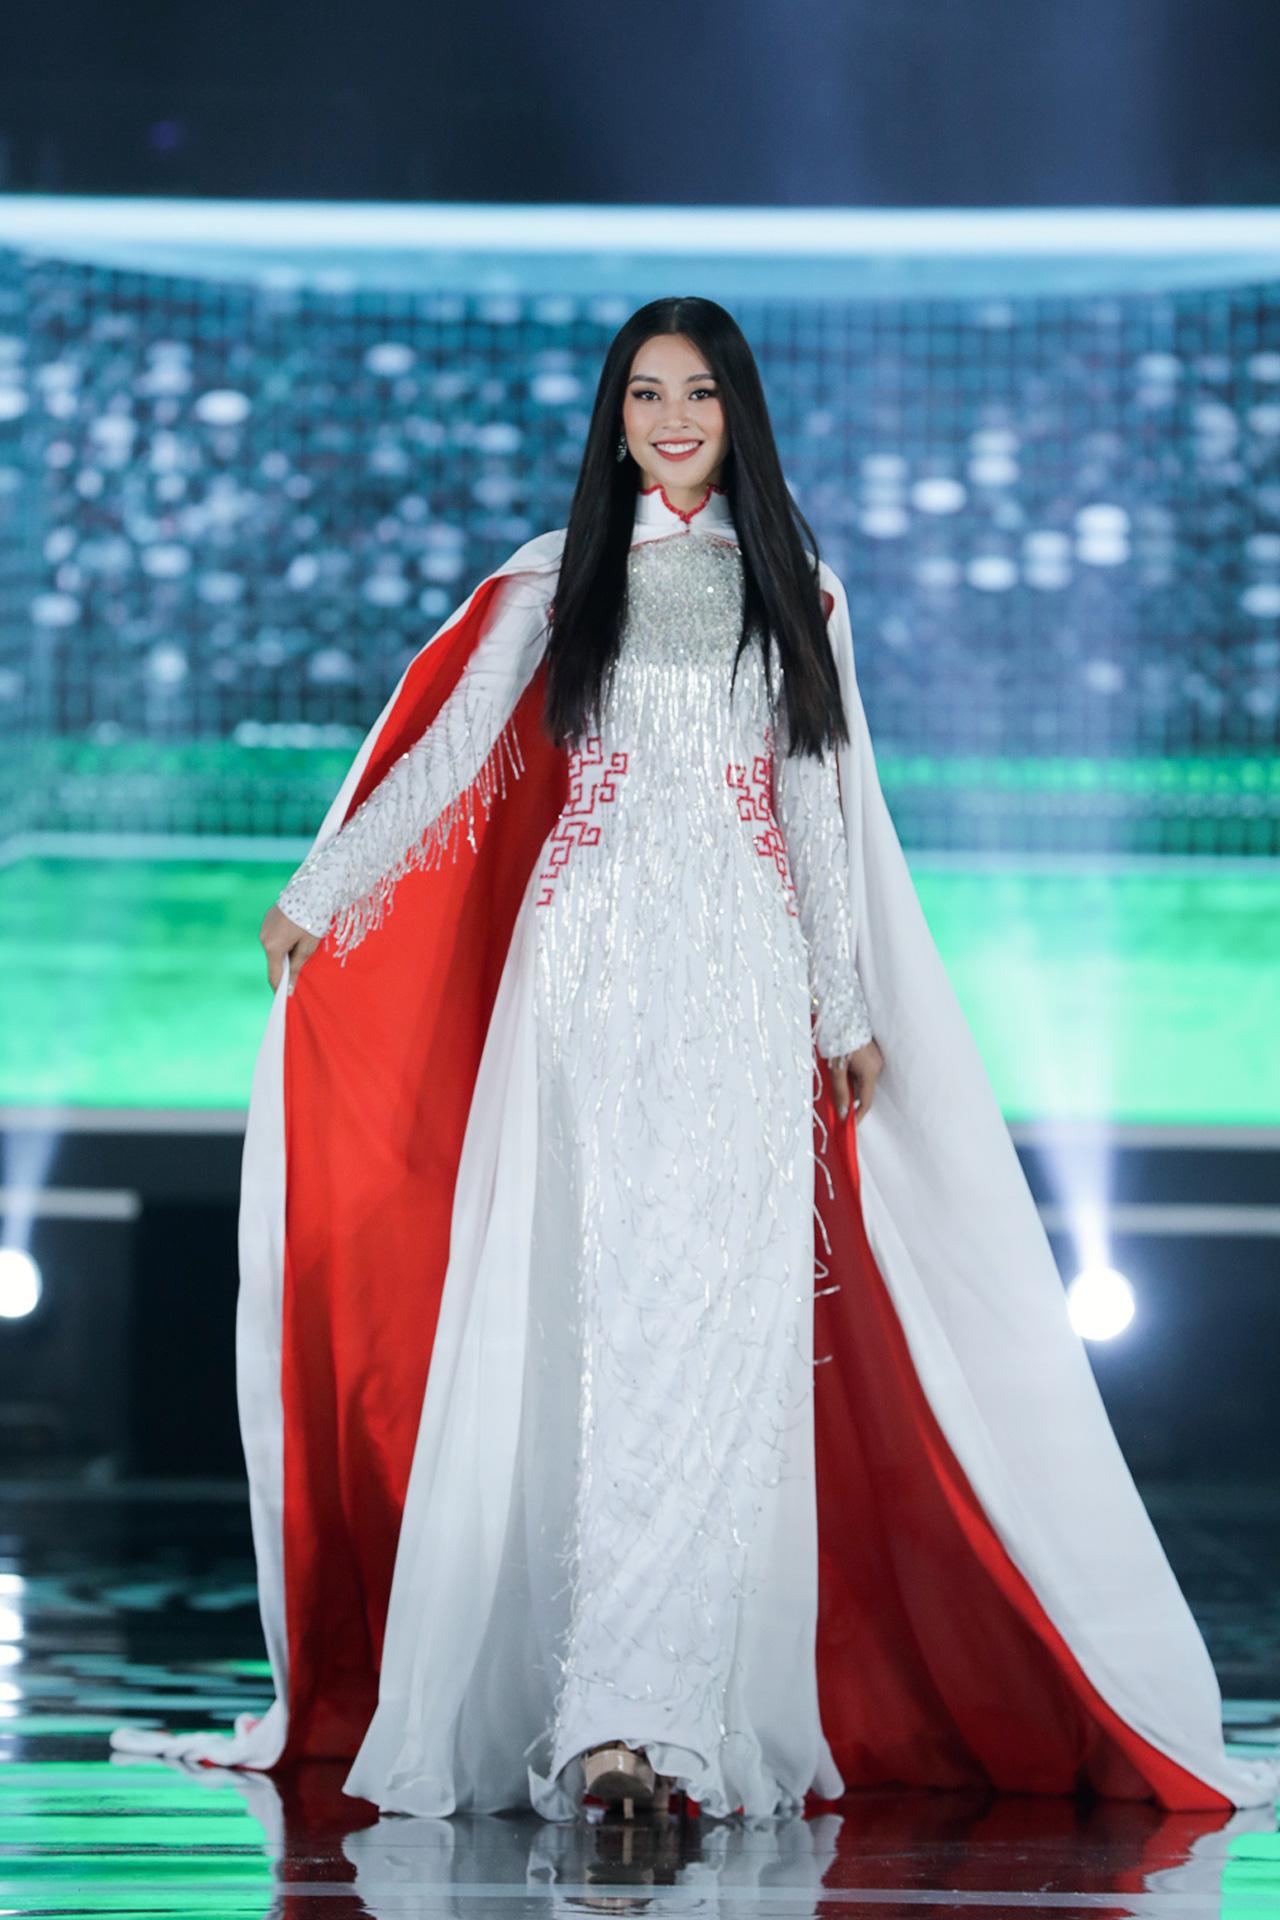 5 Hoa hậu mặc áo dài đọ sắc Chung kết Hoa hậu Việt Nam: Đặng Thu Thảo đẹp tựa nữ thần,  - Ảnh 7.